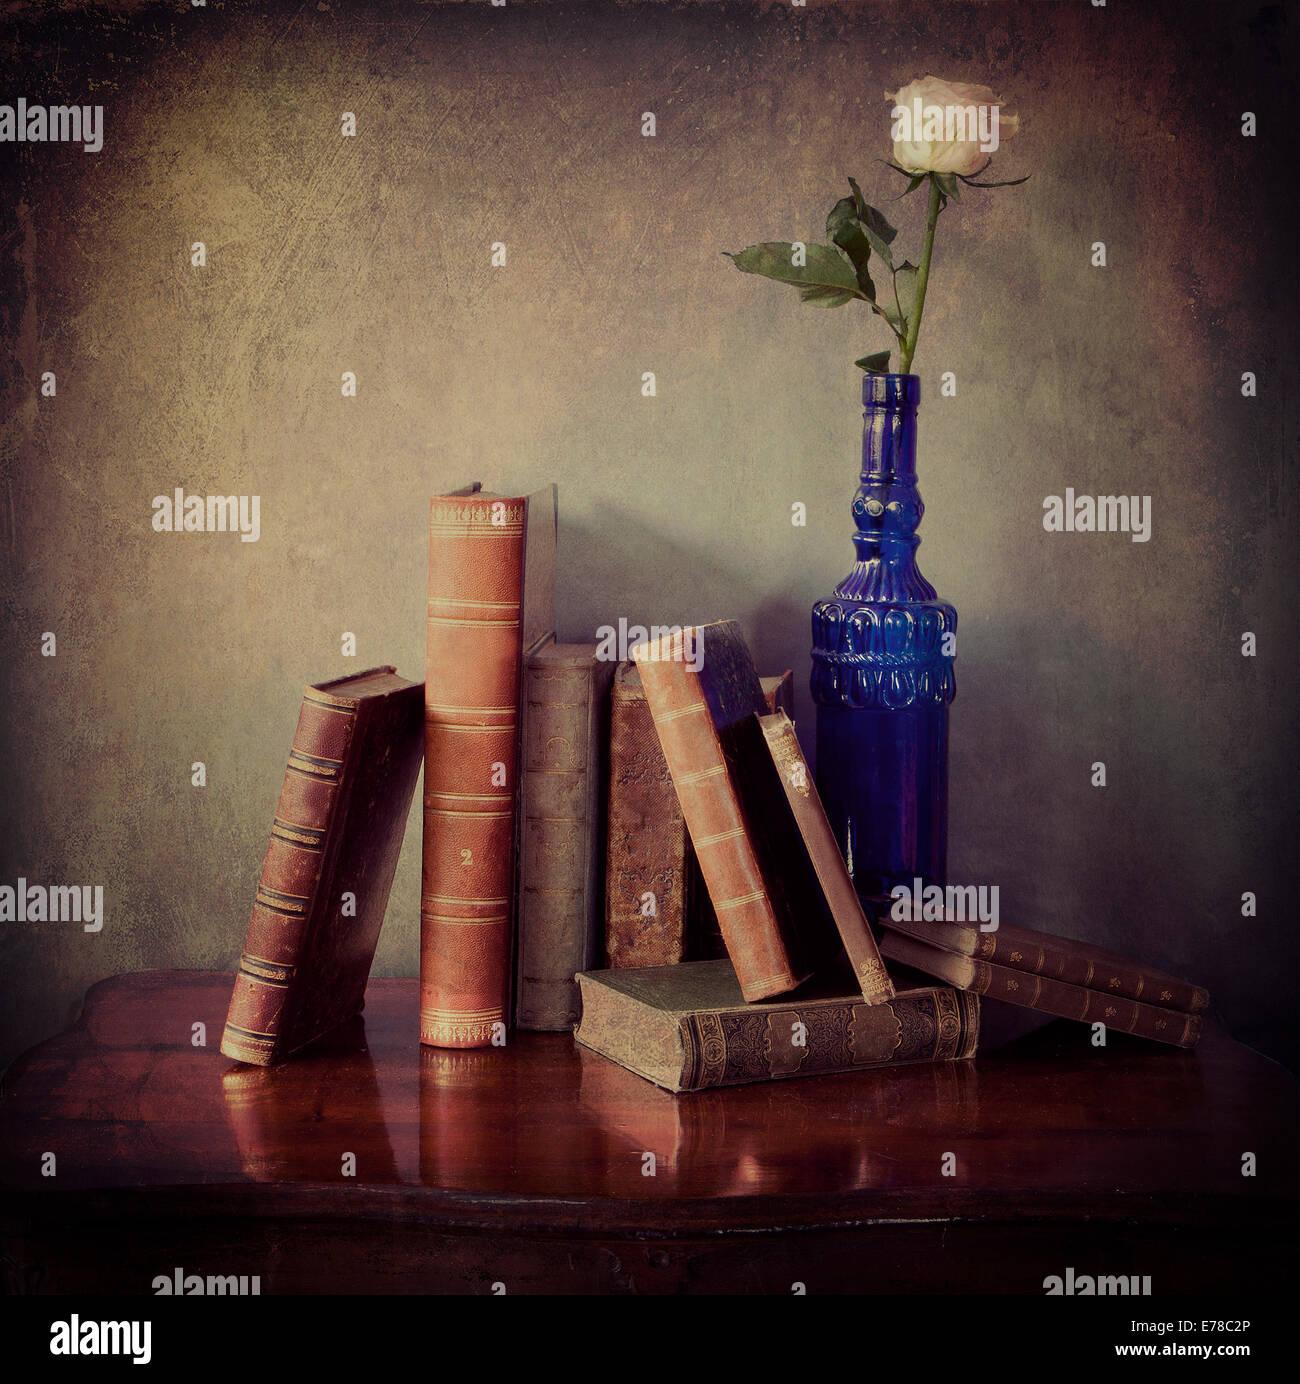 Todavía la vida interior, la composición de libros antiguos en una mesa de madera y una sola rosa rosa en una botella Foto de stock